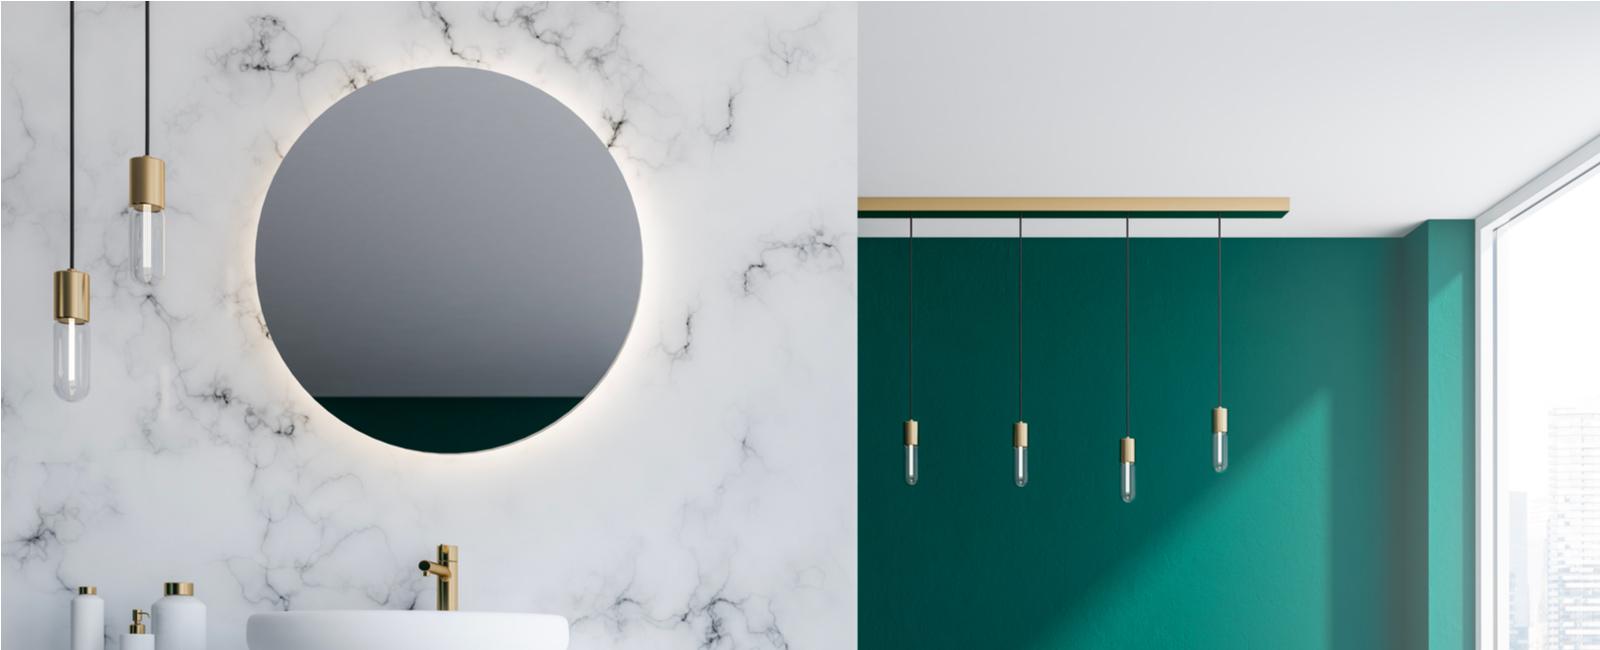 pourquoi choisir un miroir connect pour sa salle de bains. Black Bedroom Furniture Sets. Home Design Ideas